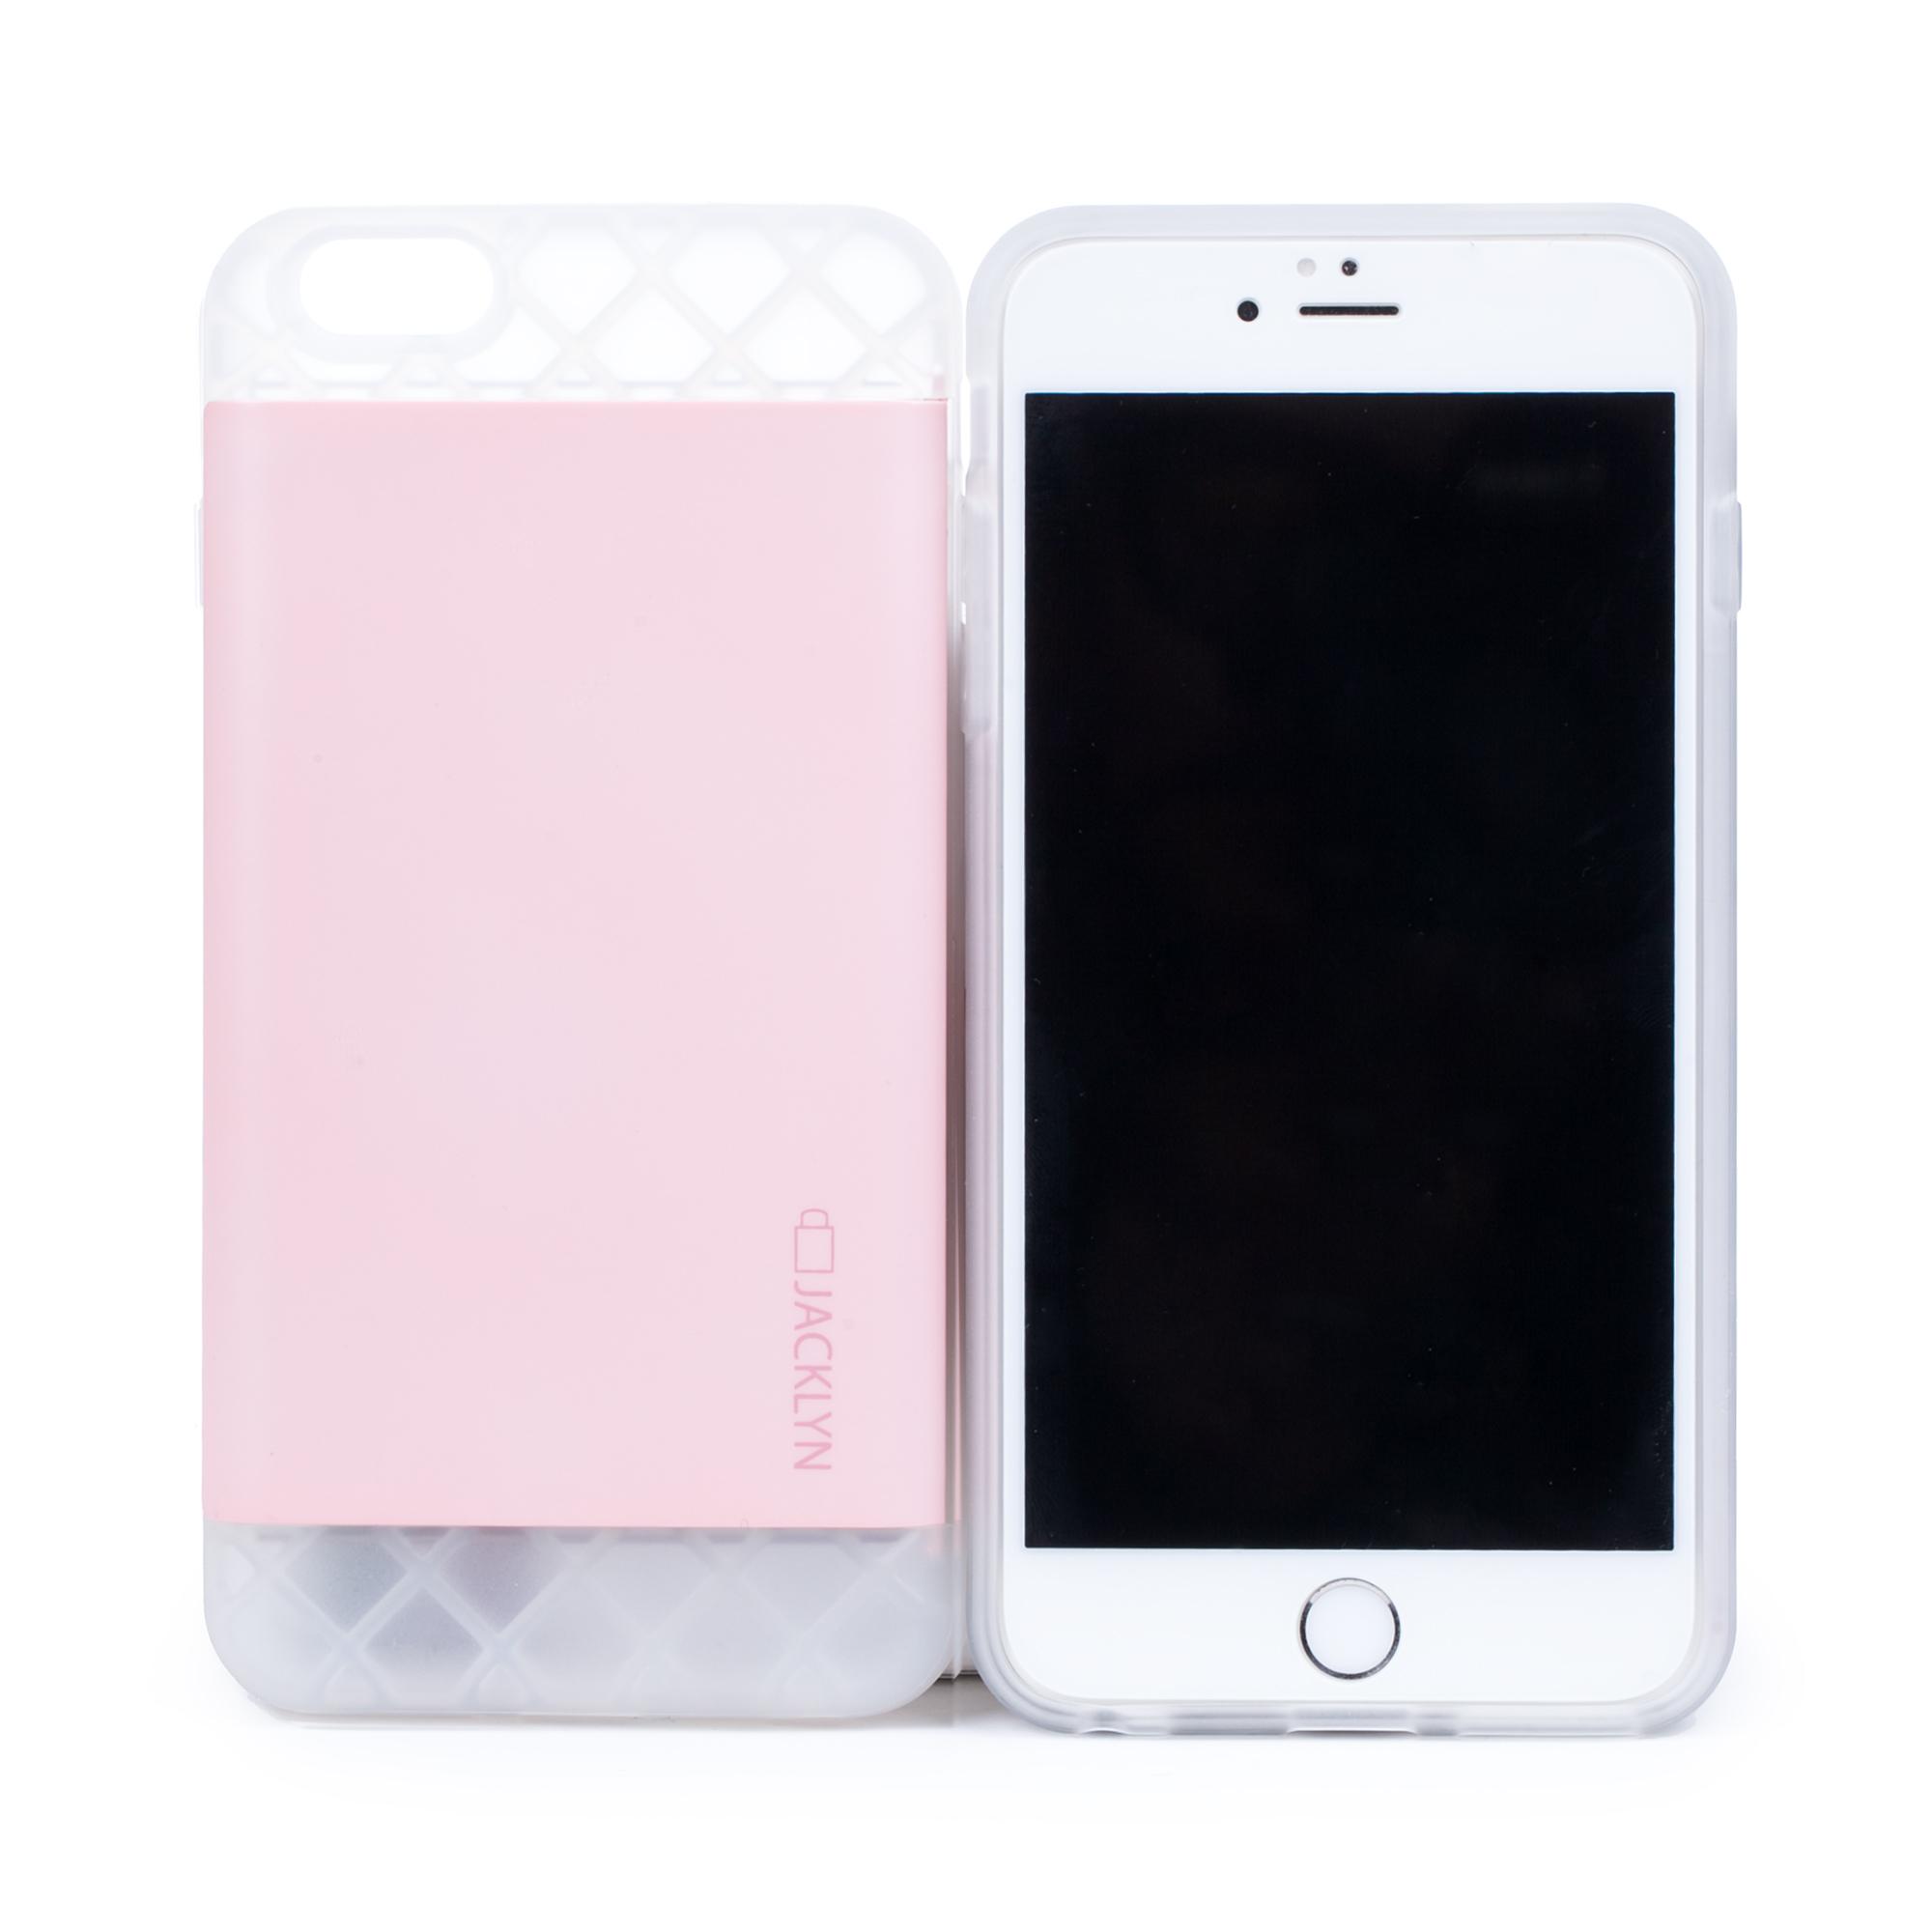 韩国原产JACKLYN苹果6plus手机壳apple手机套 防水耐高温 哑光粉色